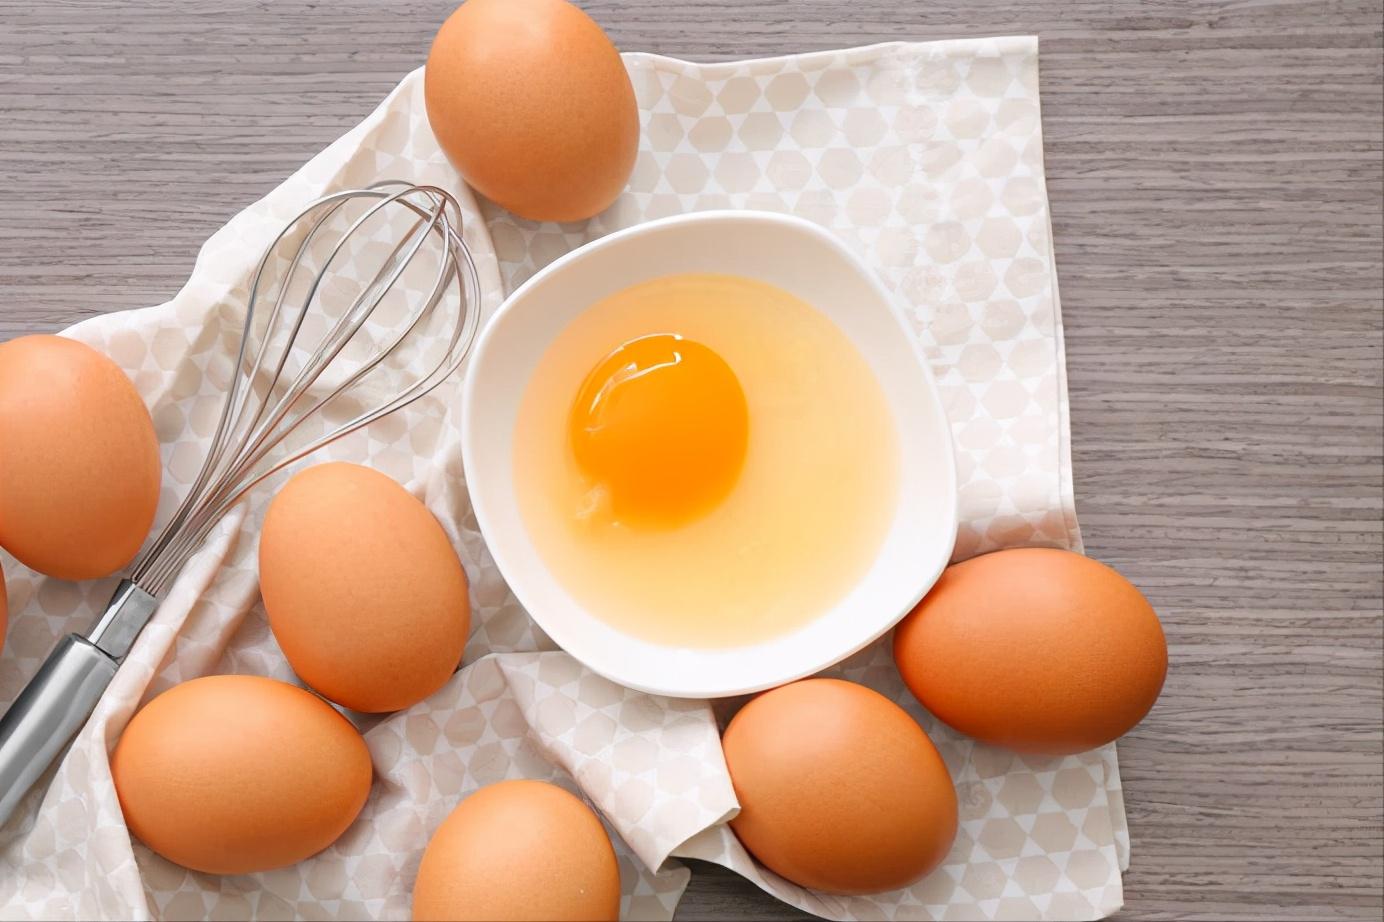 水煮荷包蛋,总是散开有白沫?牢记2个诀窍,鸡蛋圆润不粘锅 美食做法 第6张